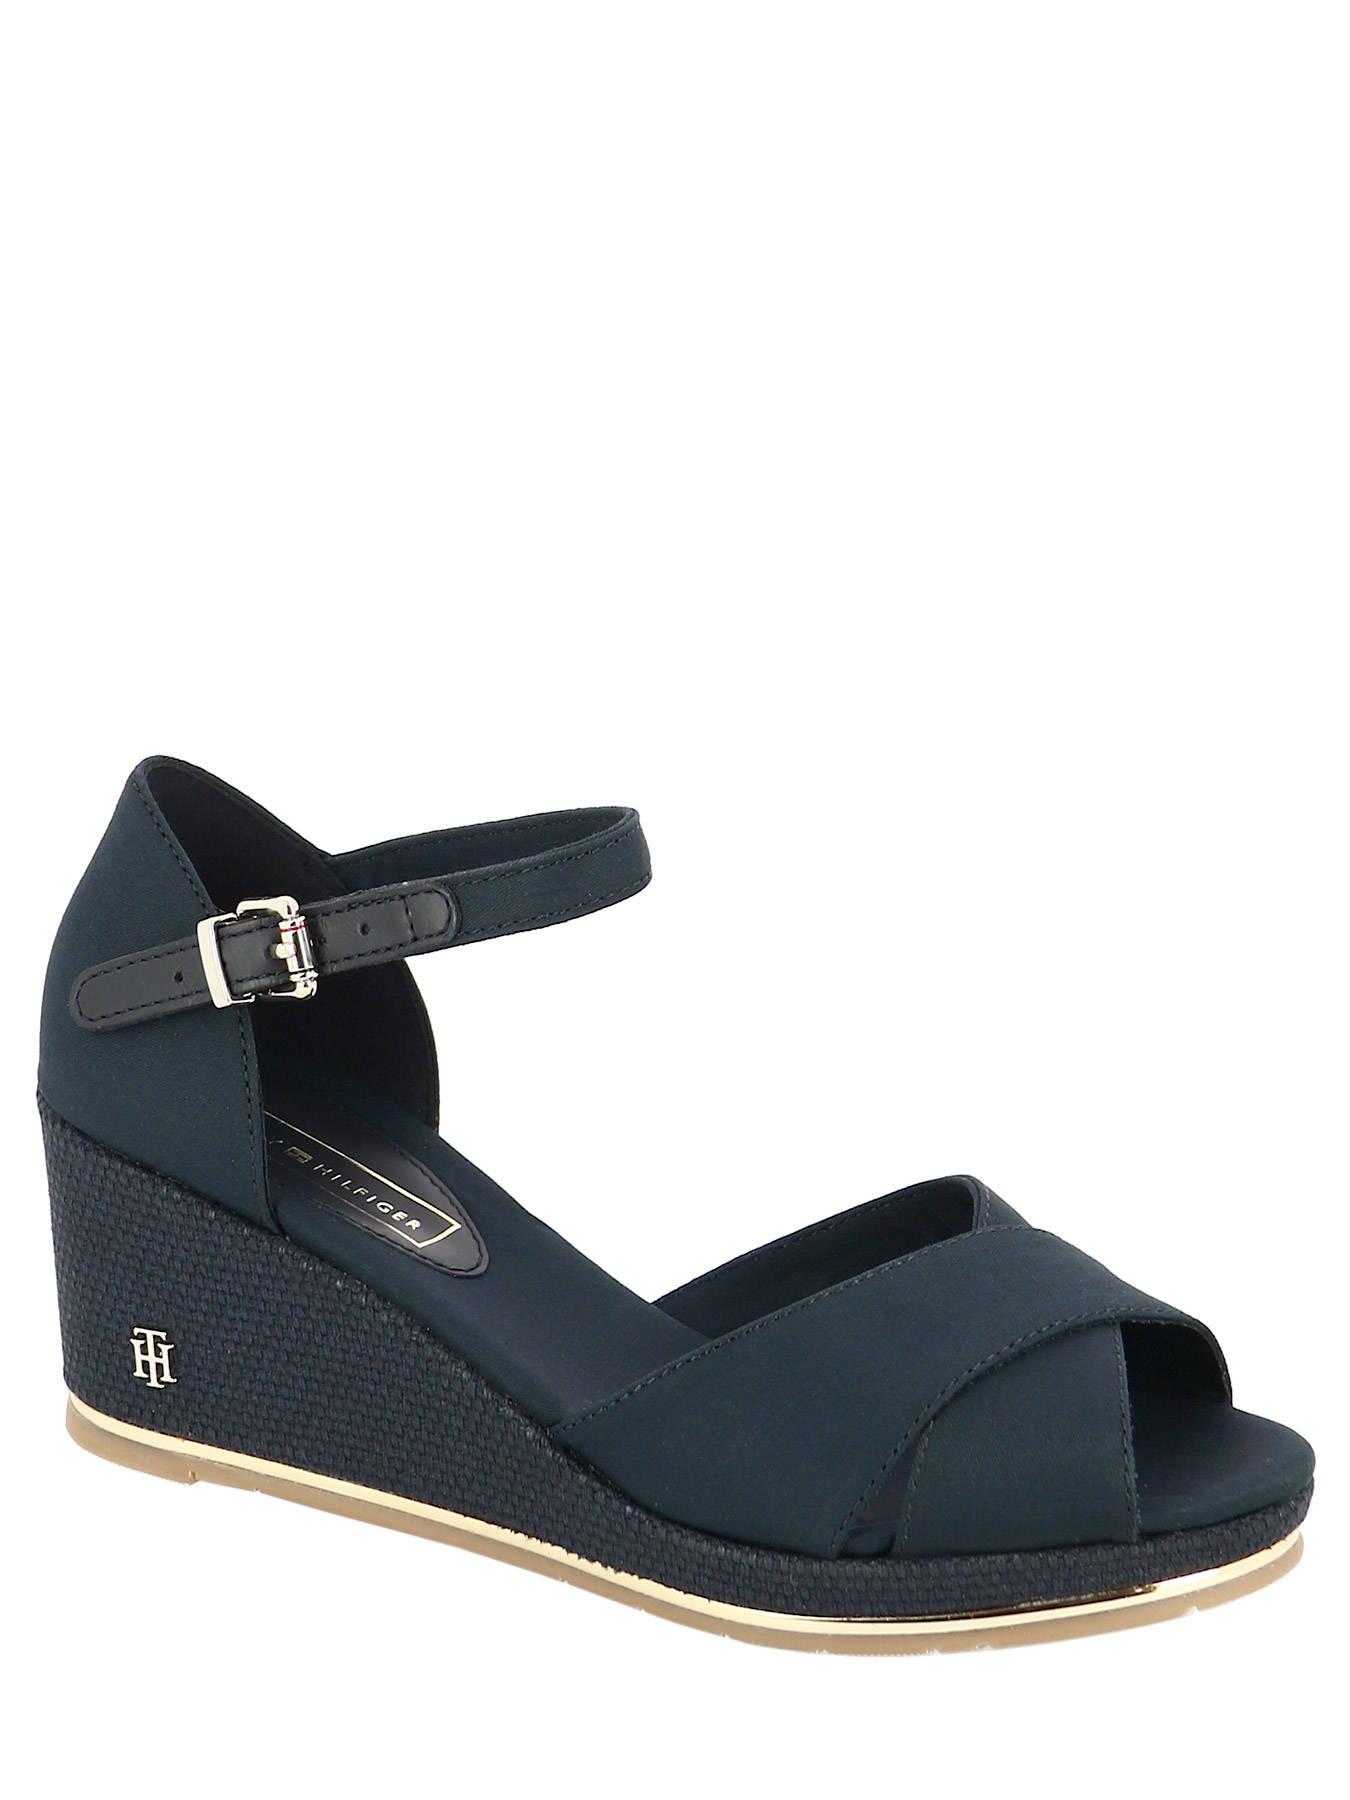 2d0dfc4e578 Tommy Hilfiger Sandals flip-flops FEMININE.MID - best prices